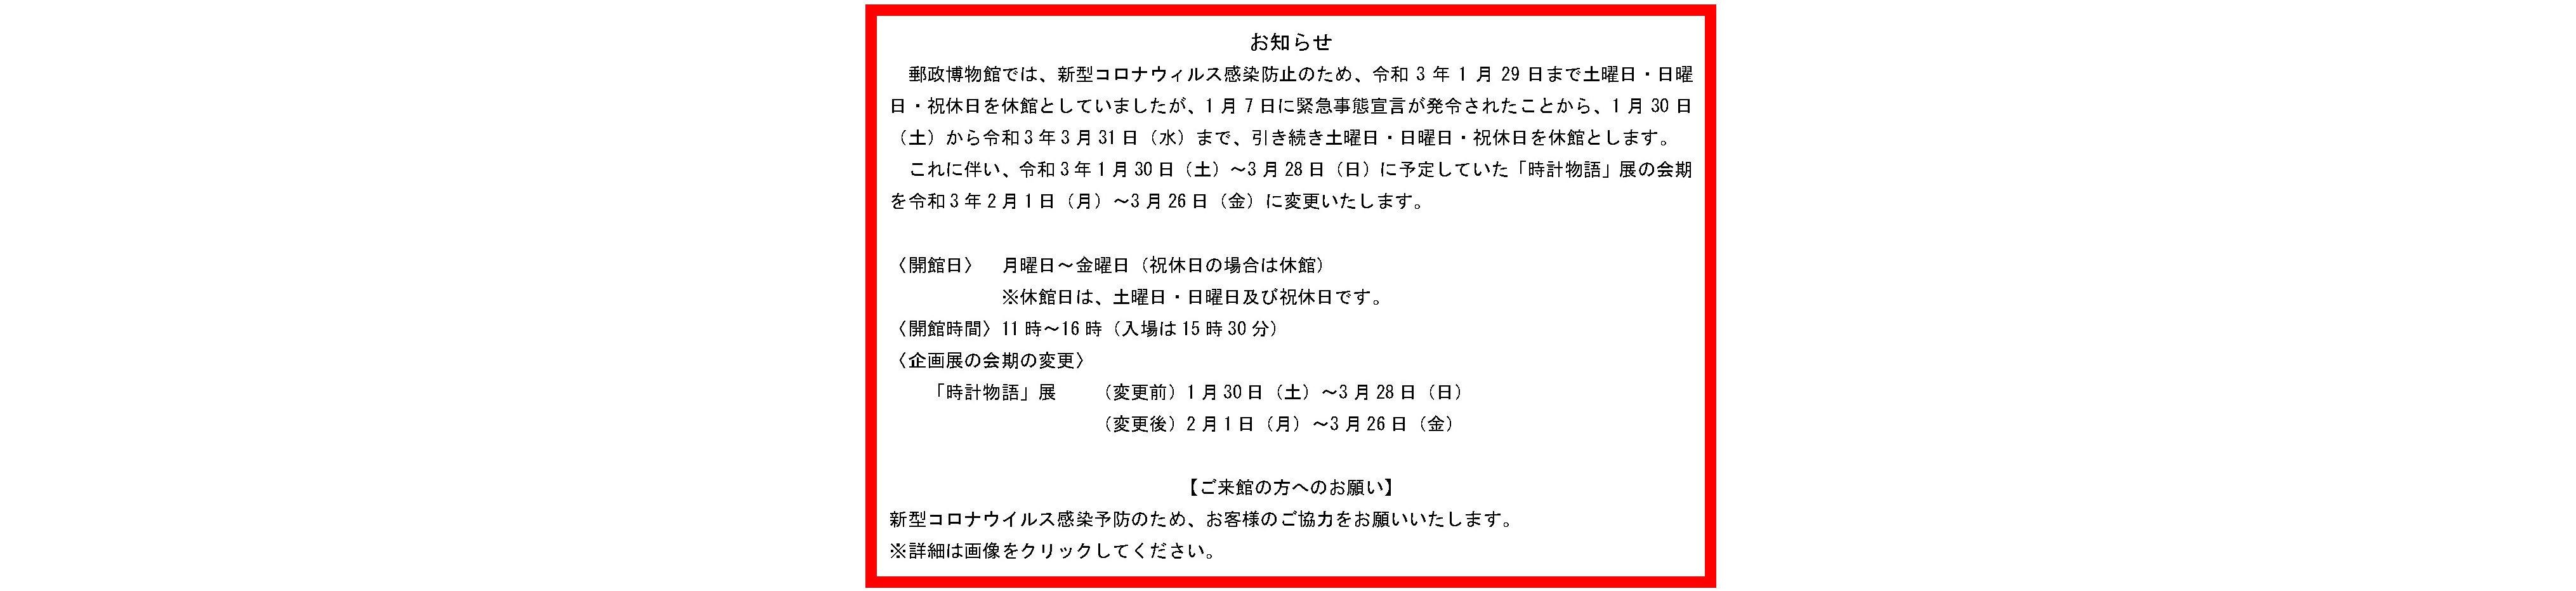 郵便 日曜日 日本